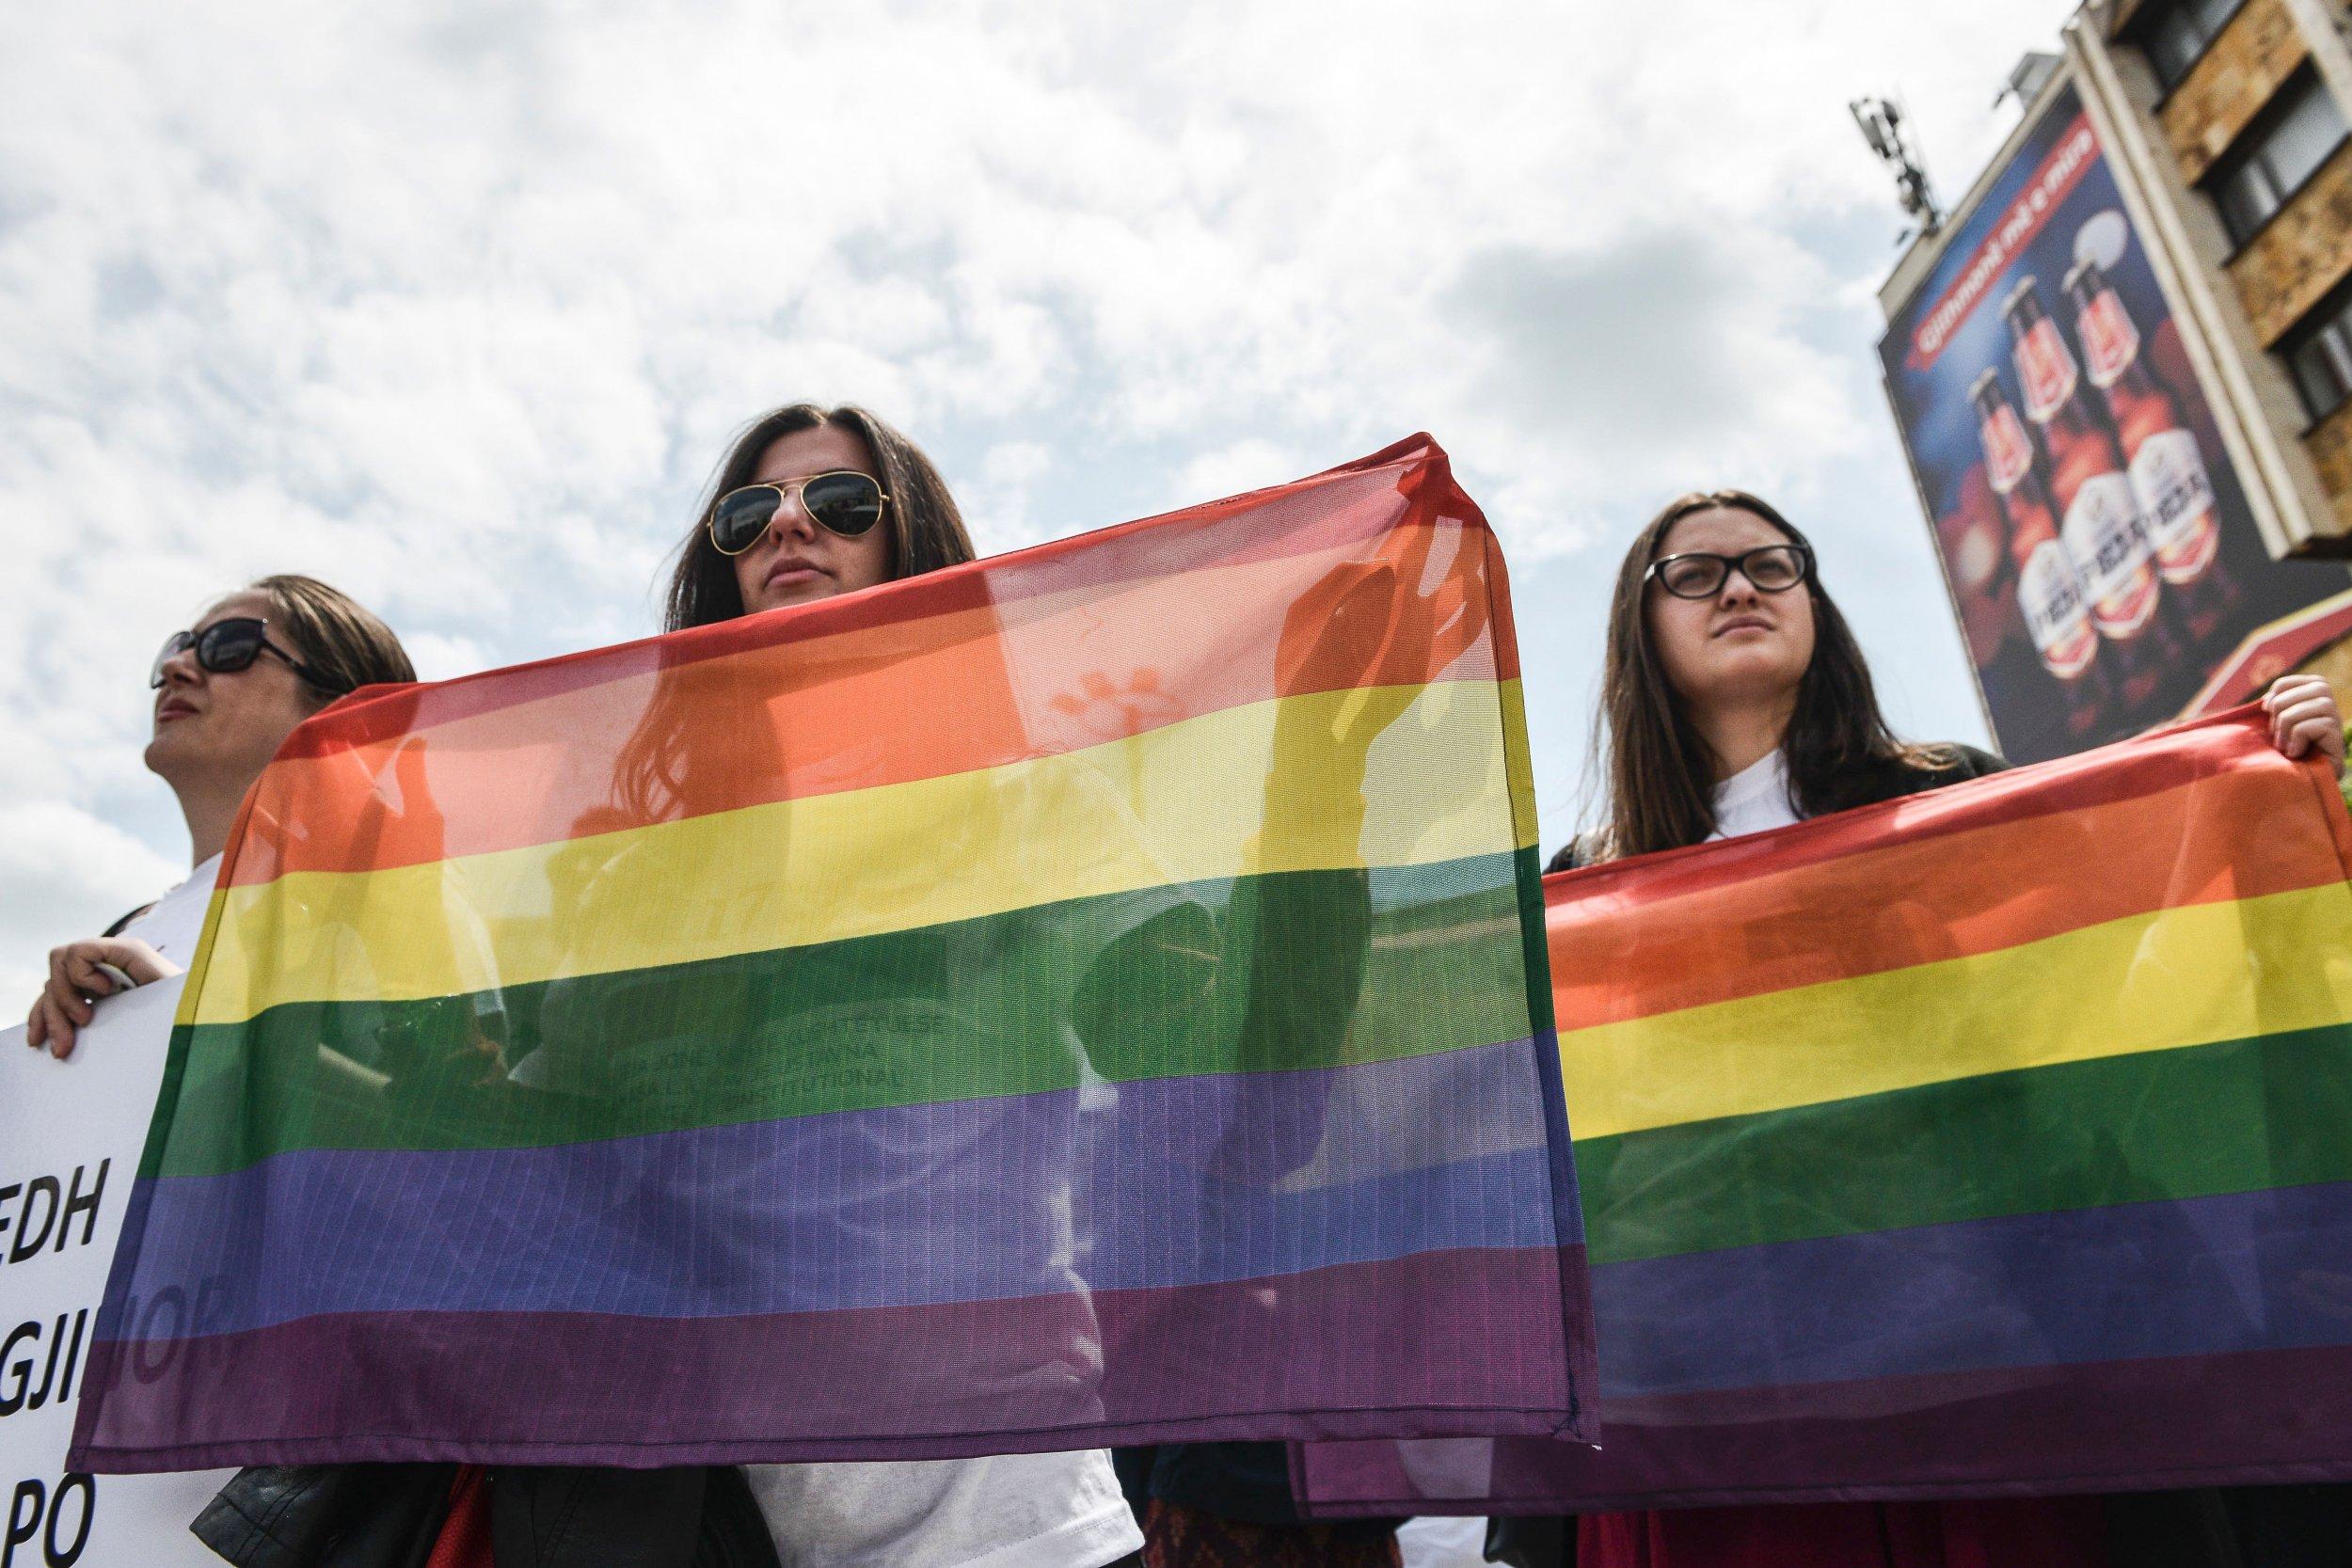 Kosovo Pride March